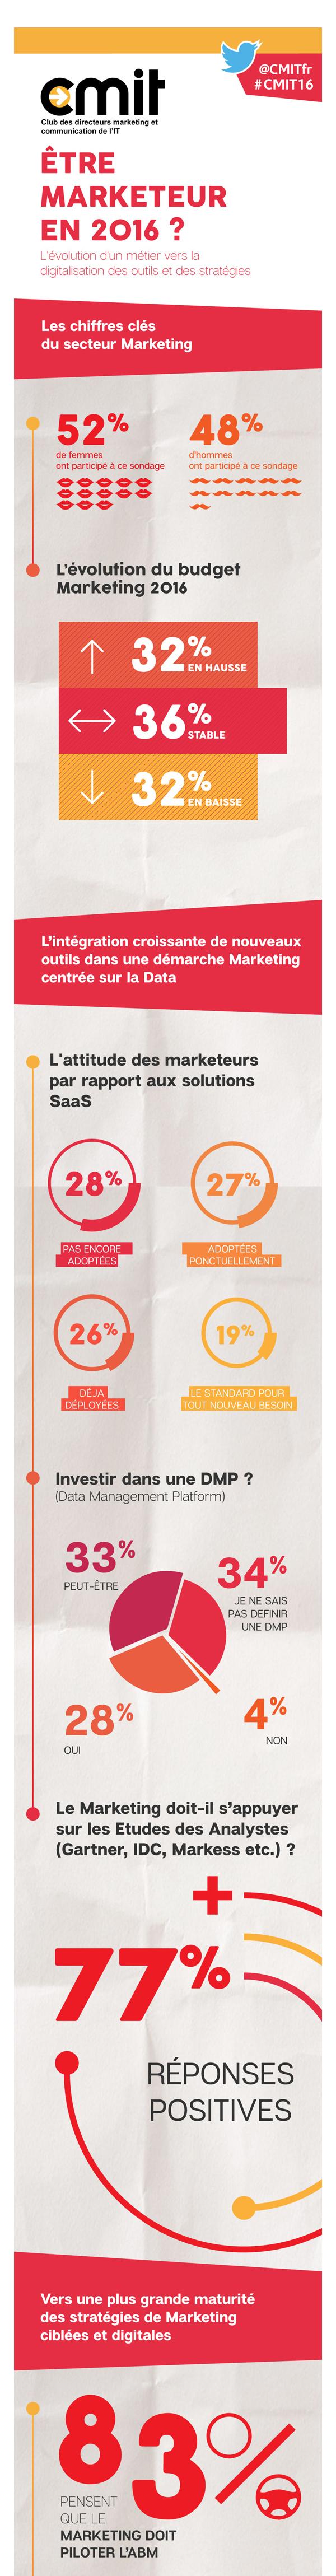 infographie etre-marketeur-en-2016 A